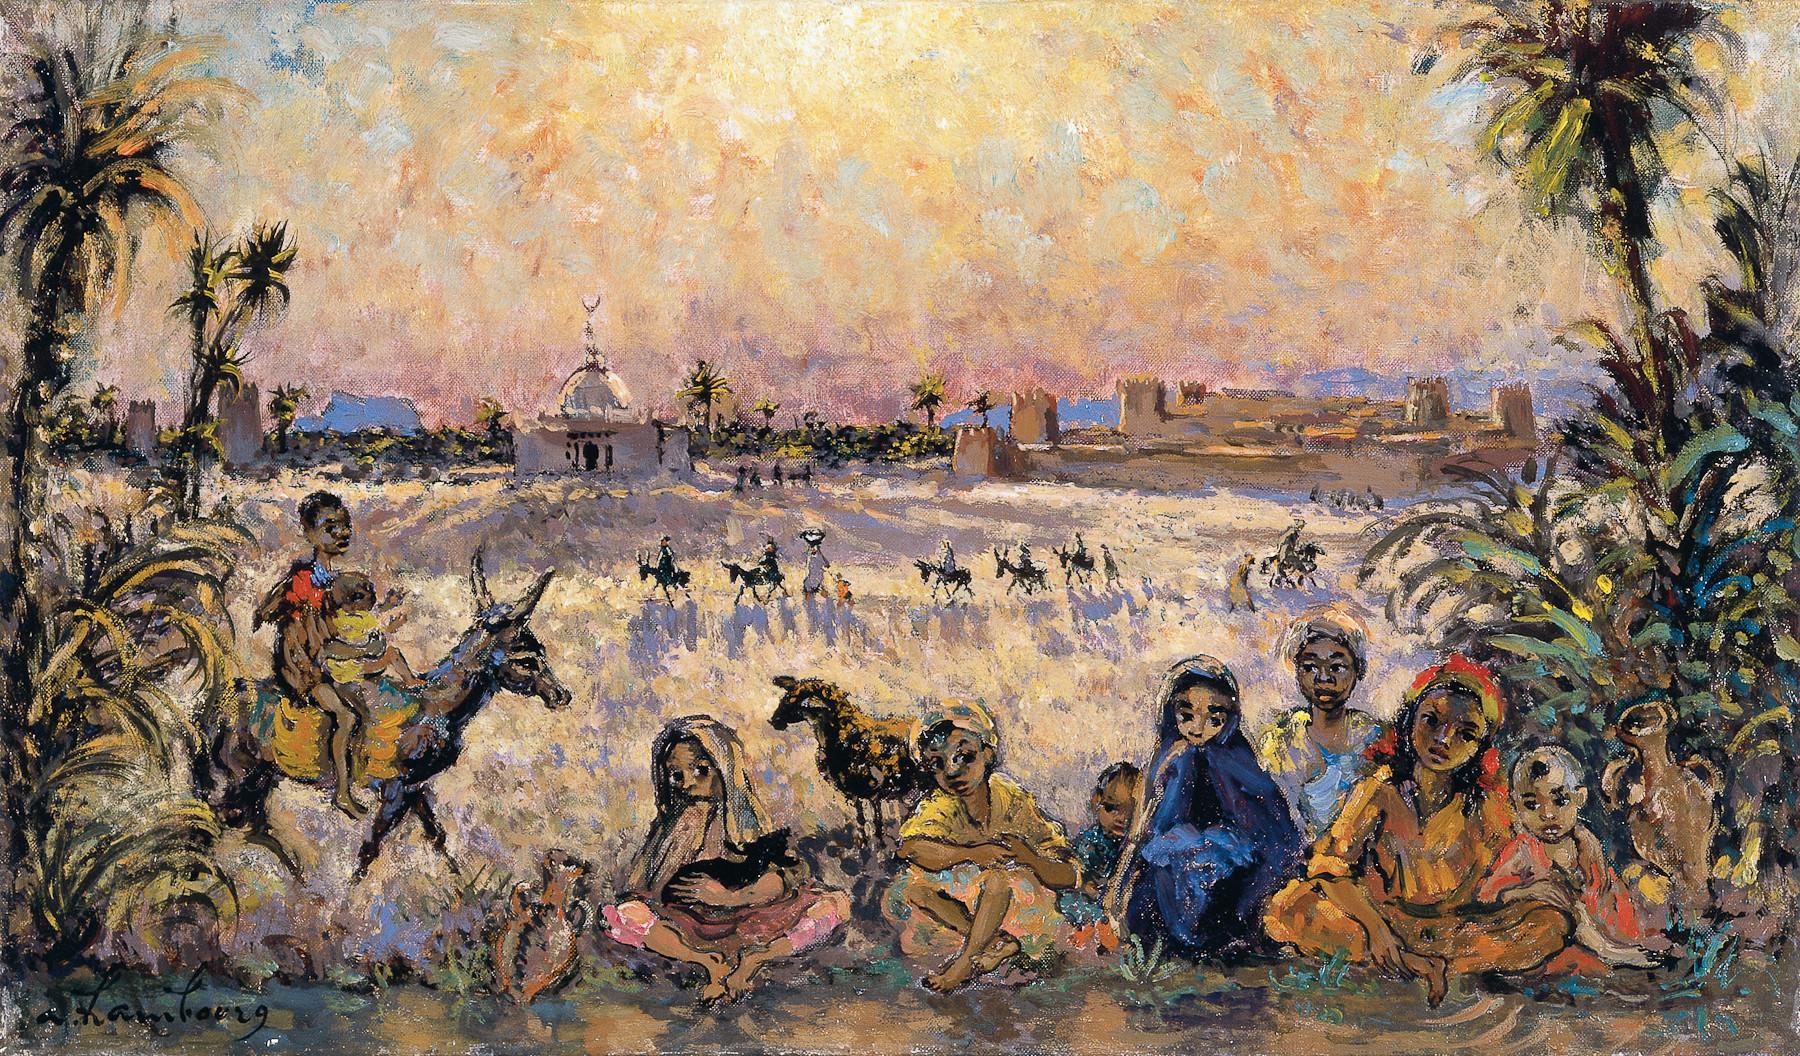 """"""" Le Sud, «Les enfants et les fillettes près de la palmeraie 1966» 27x46cm, MG156"""